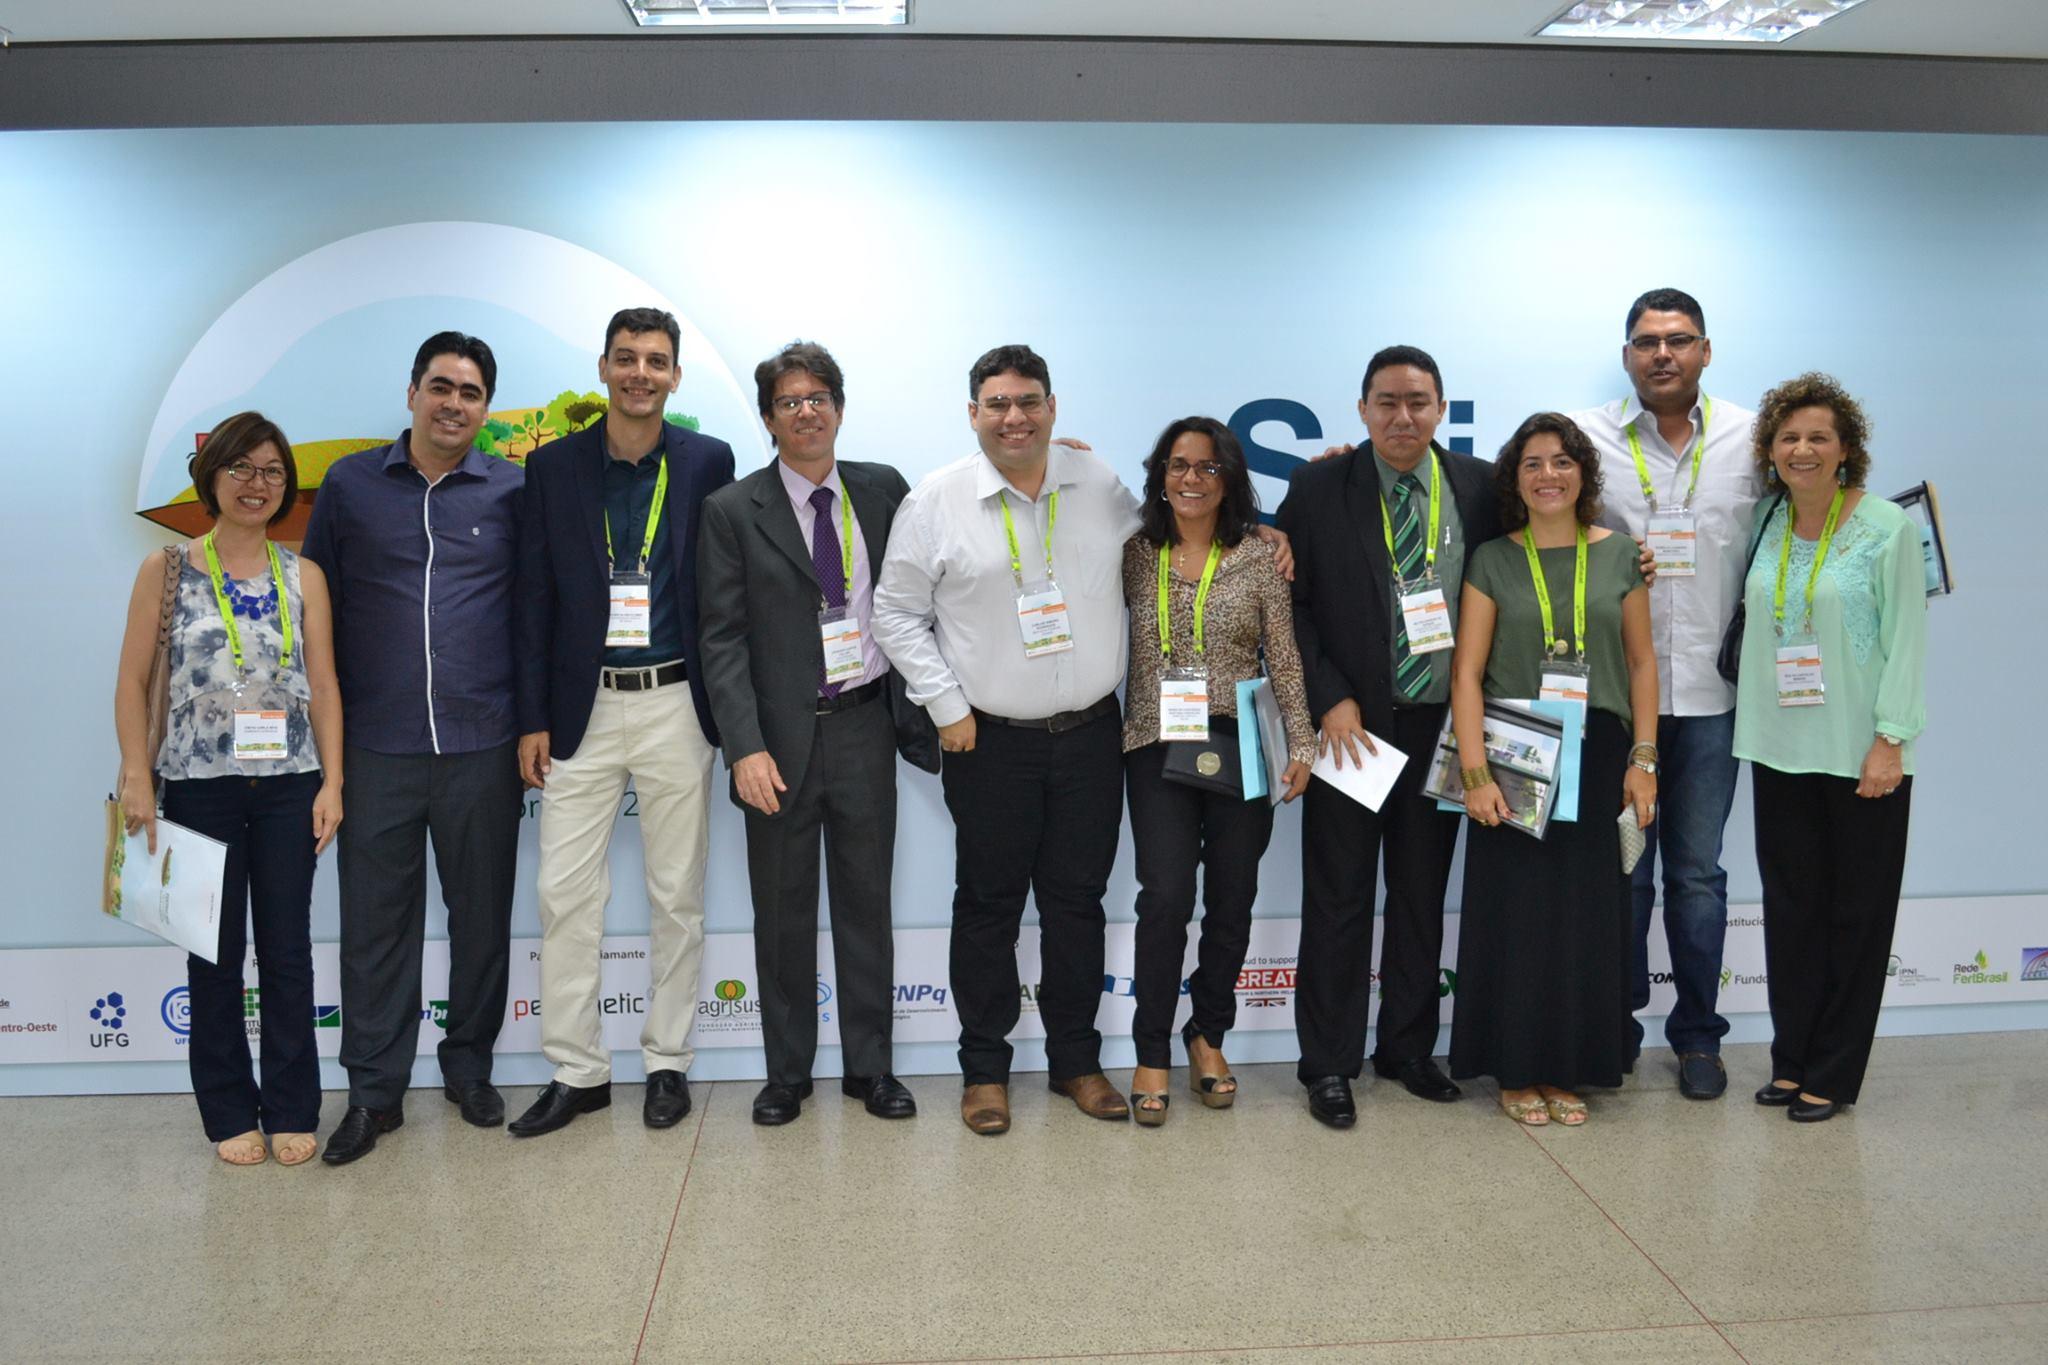 FertBio organizadores